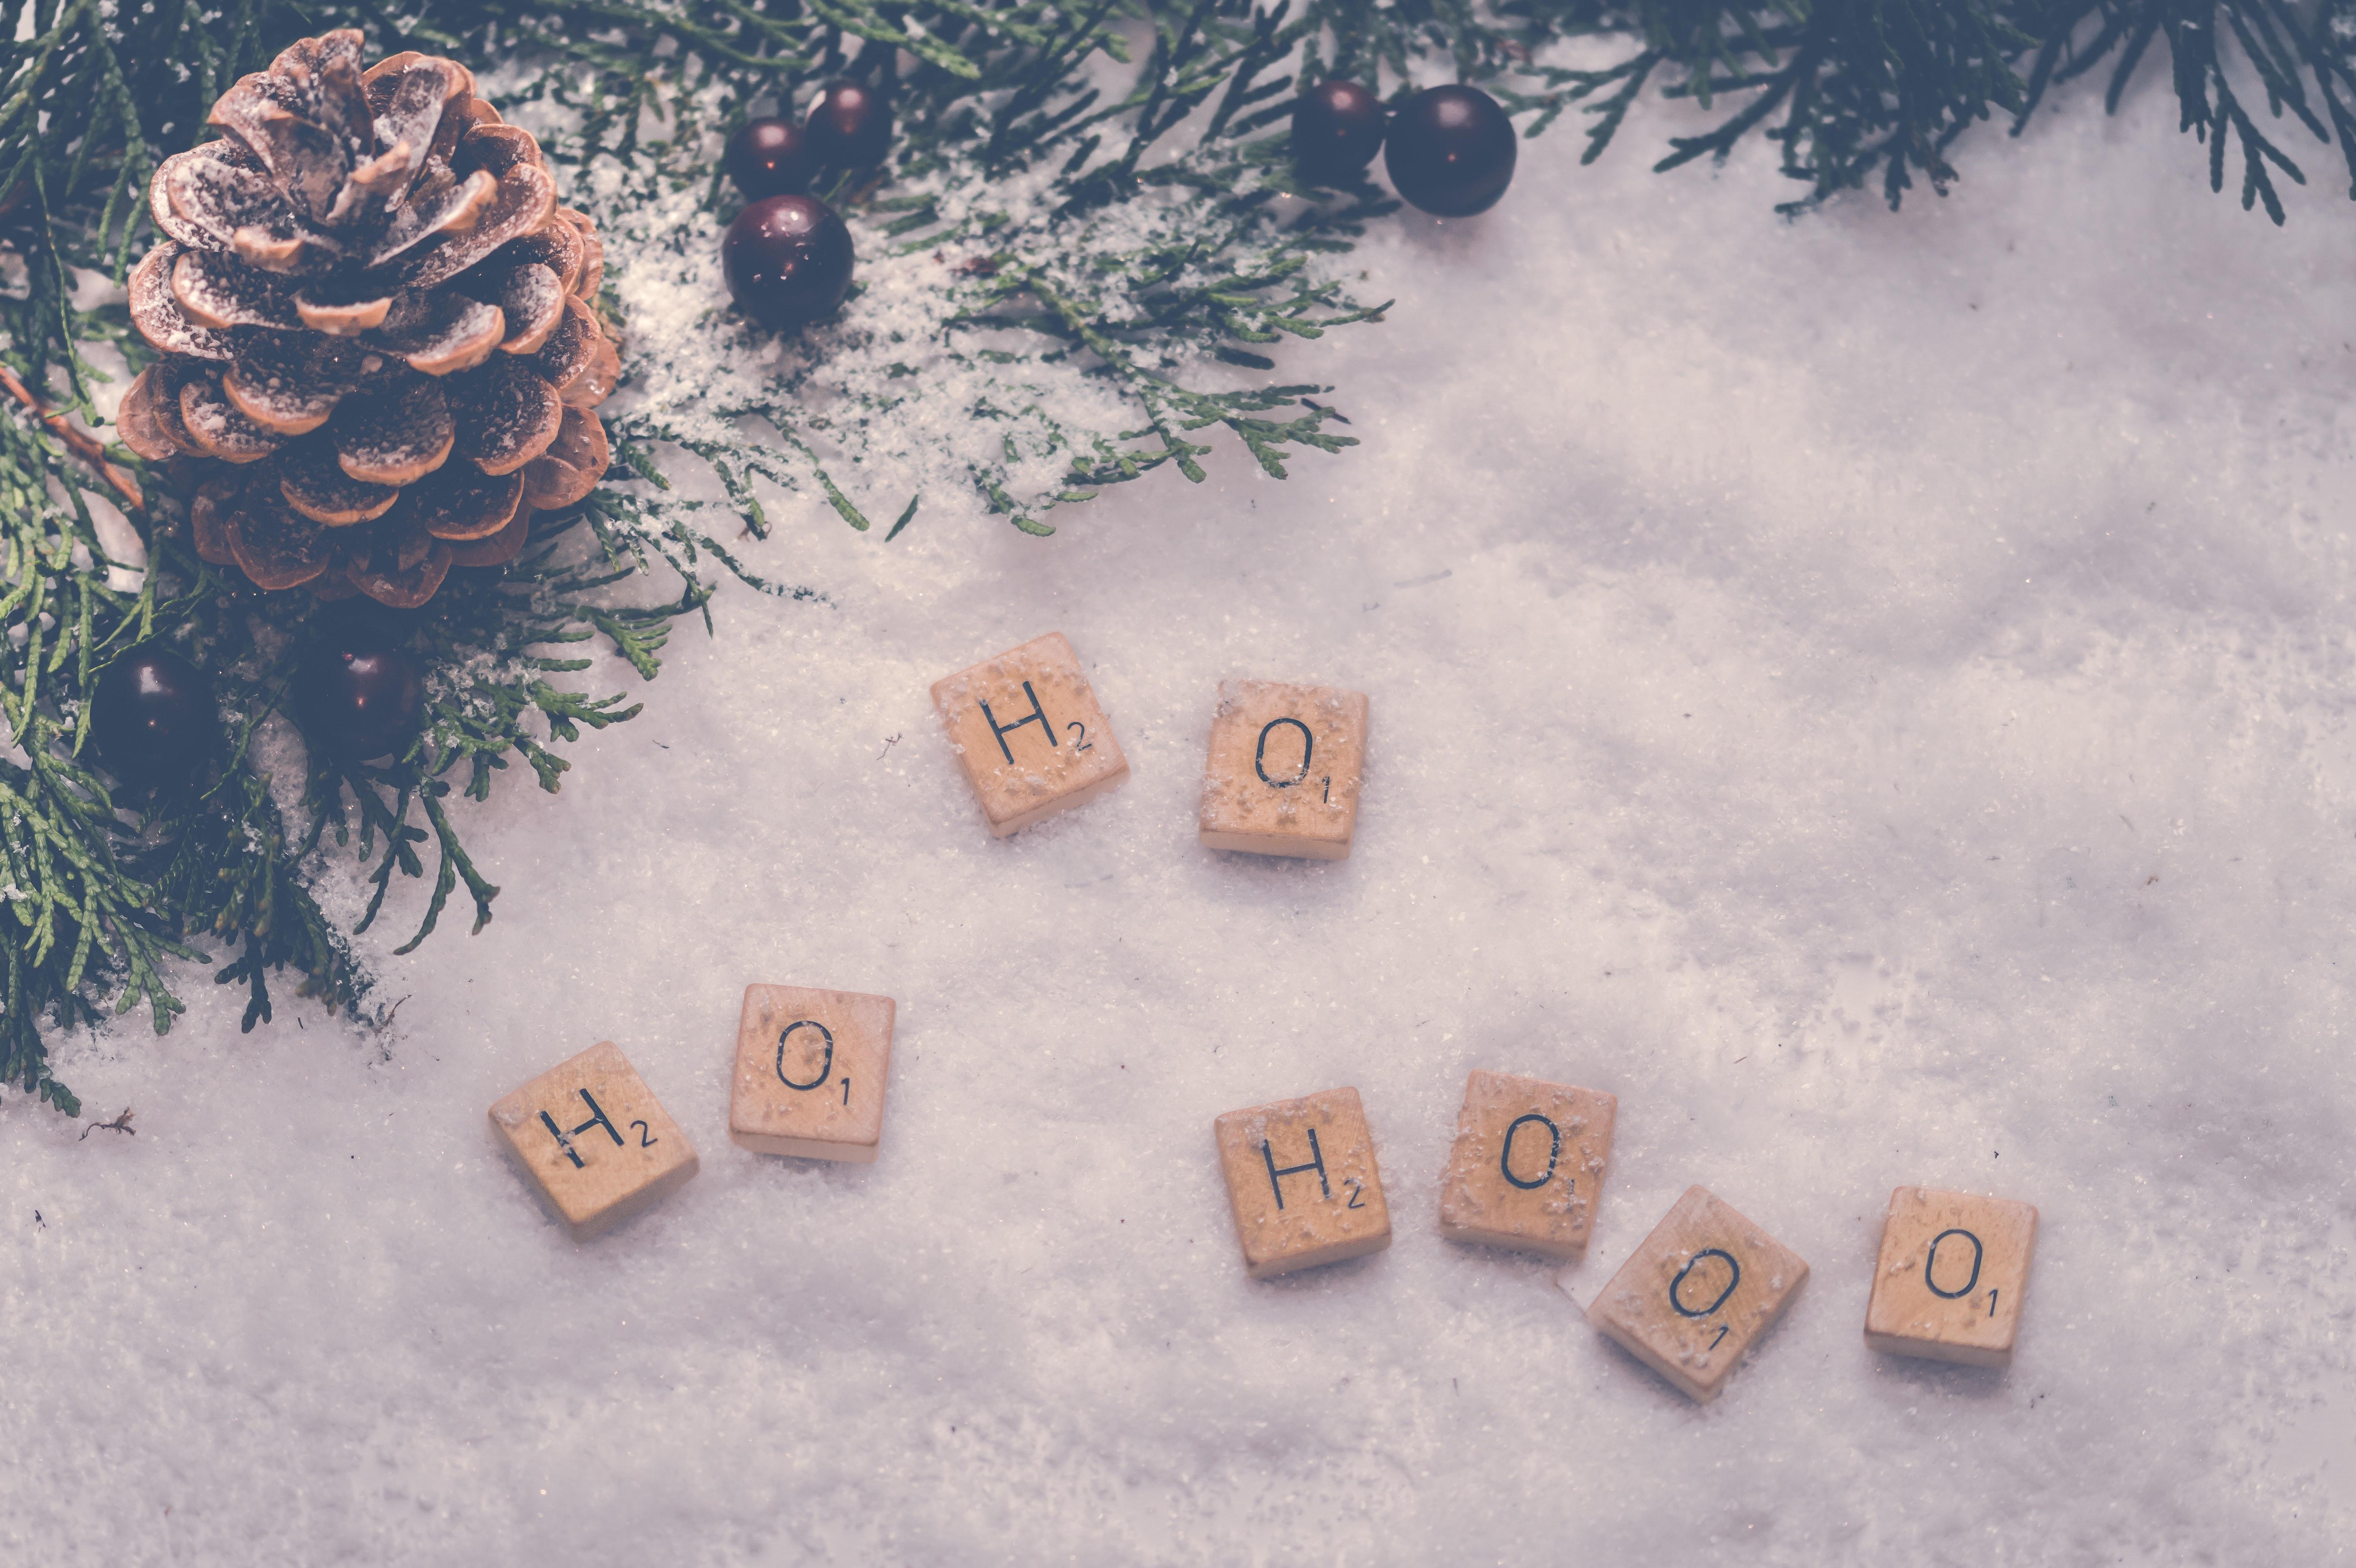 Scrabble Tile Letter, Background, Frozen, Weather, Snow, HQ Photo